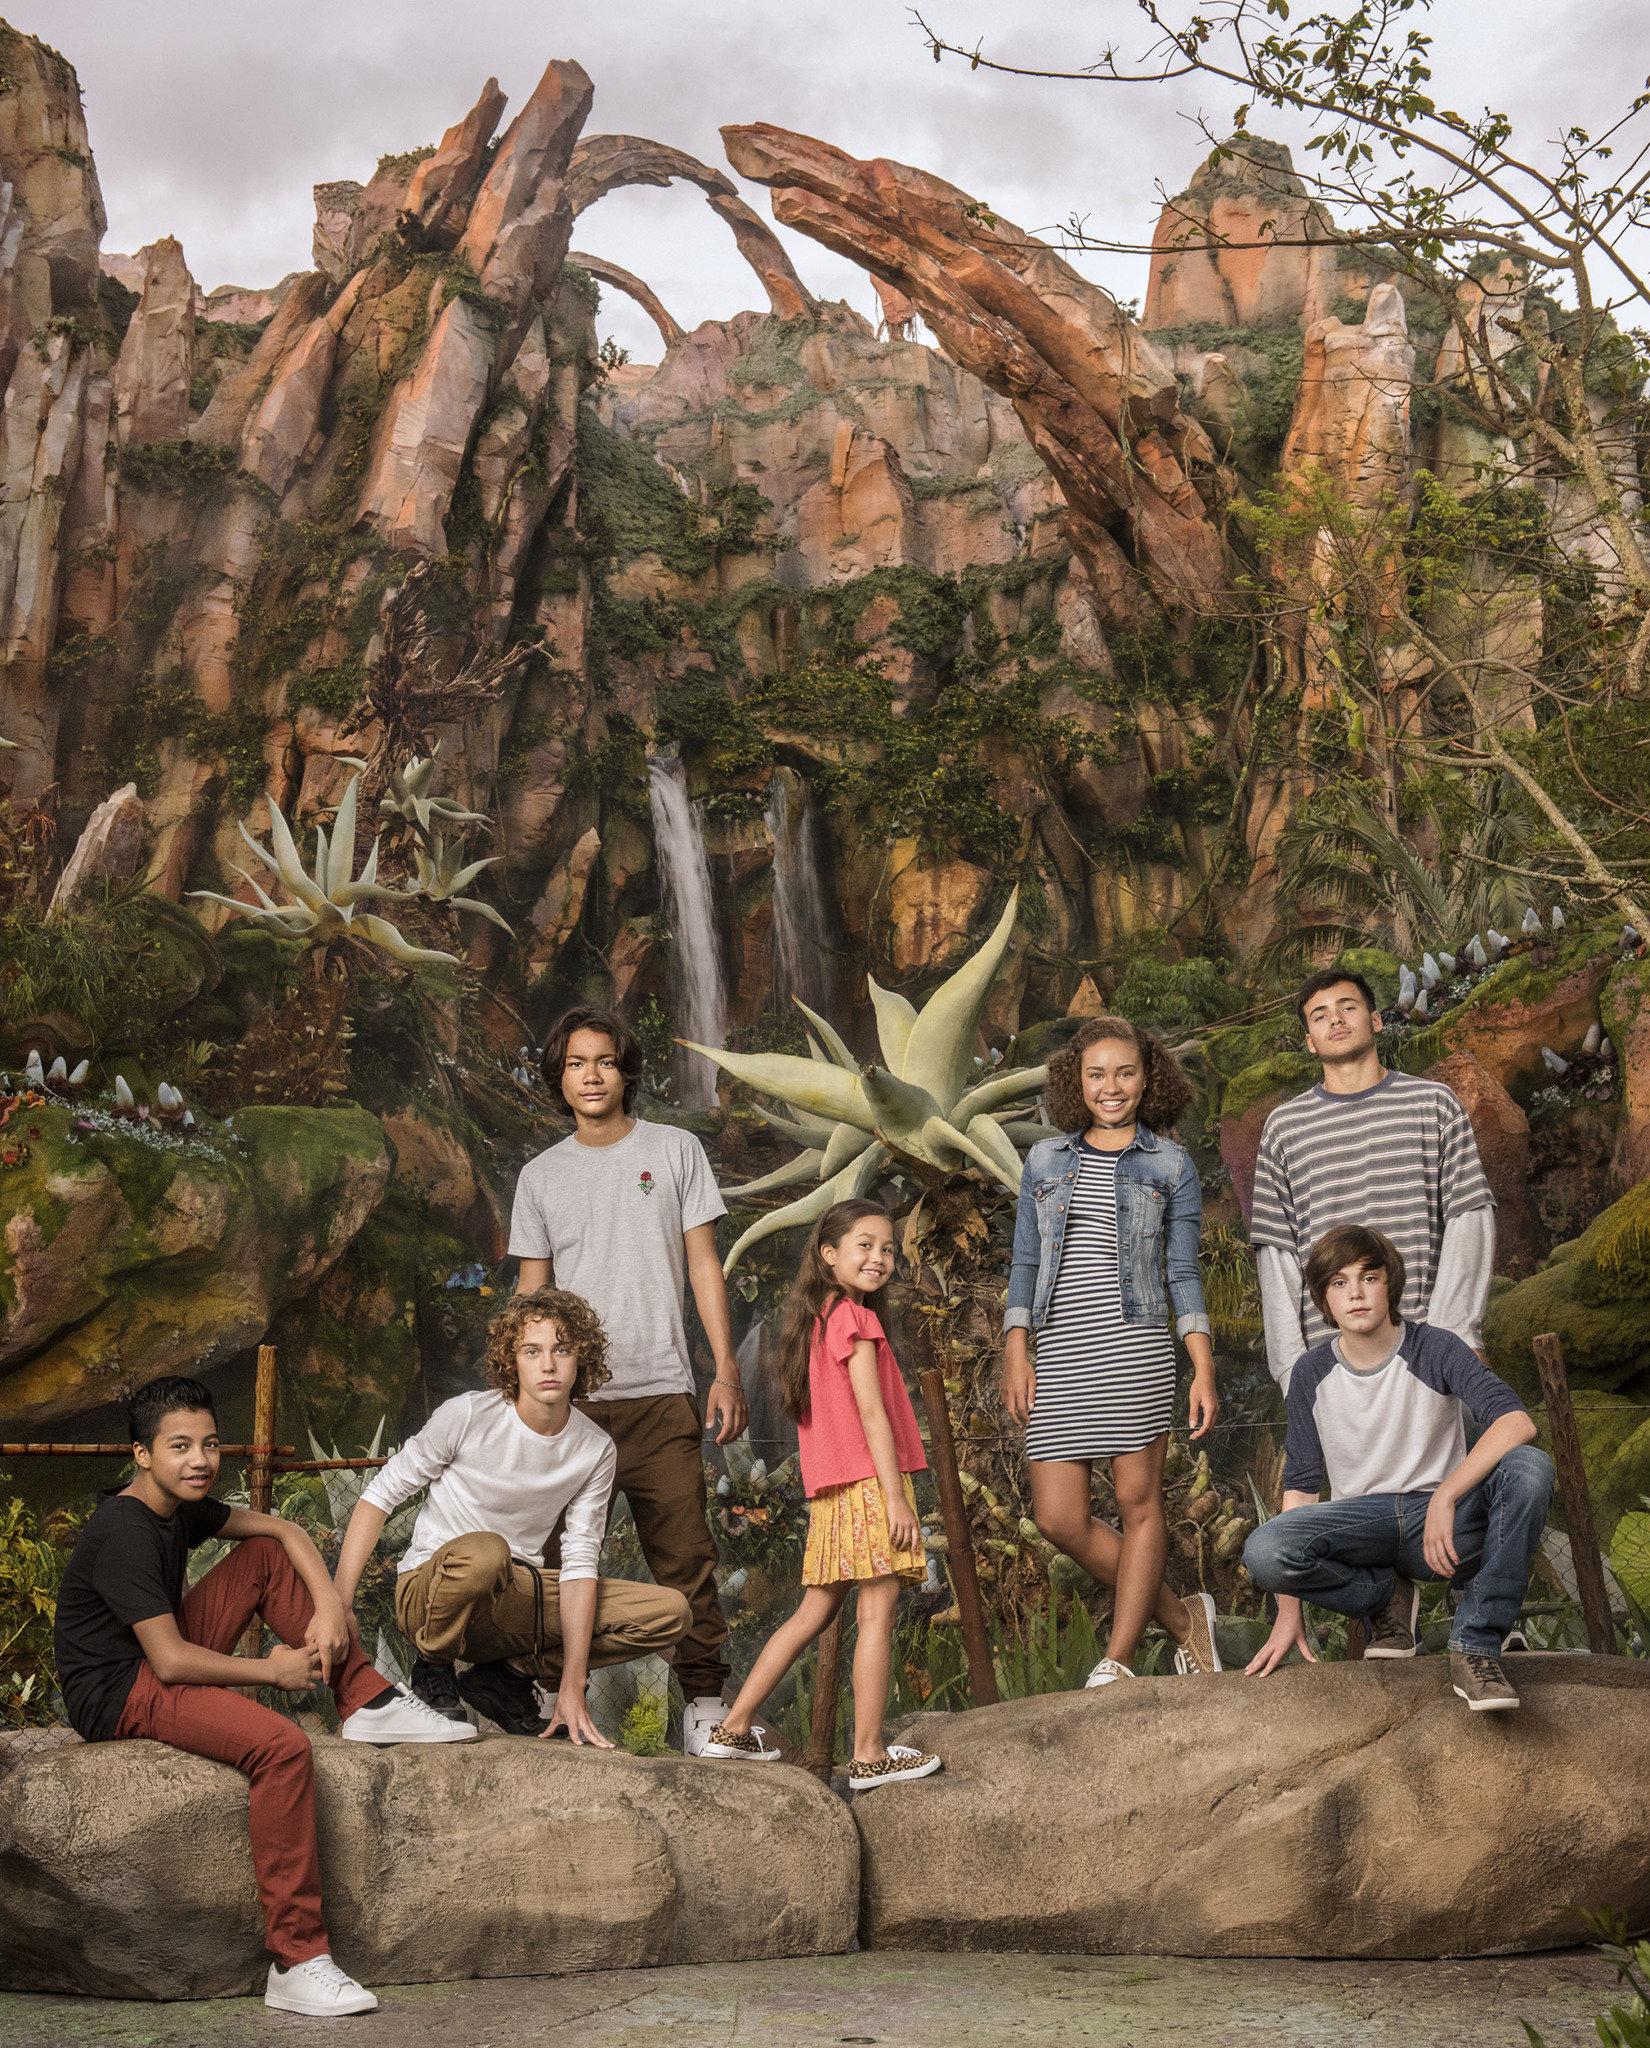 Avatar 2 : Première Photo Du Tout Nouveau Casting Et